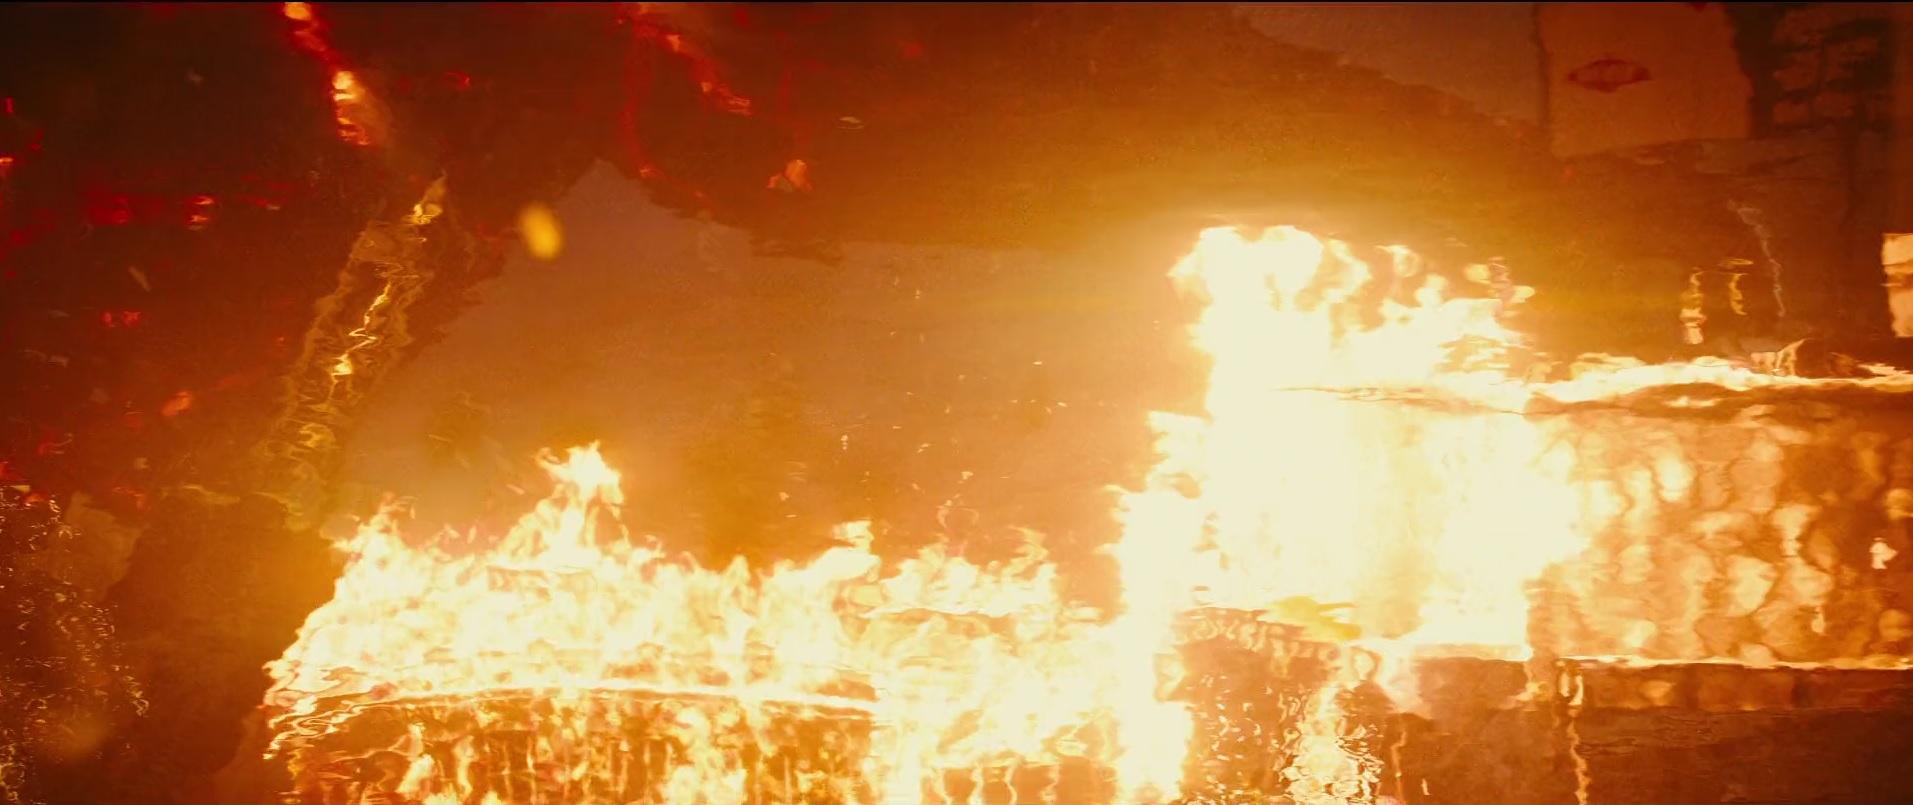 69 Fire Goji 1.jpg